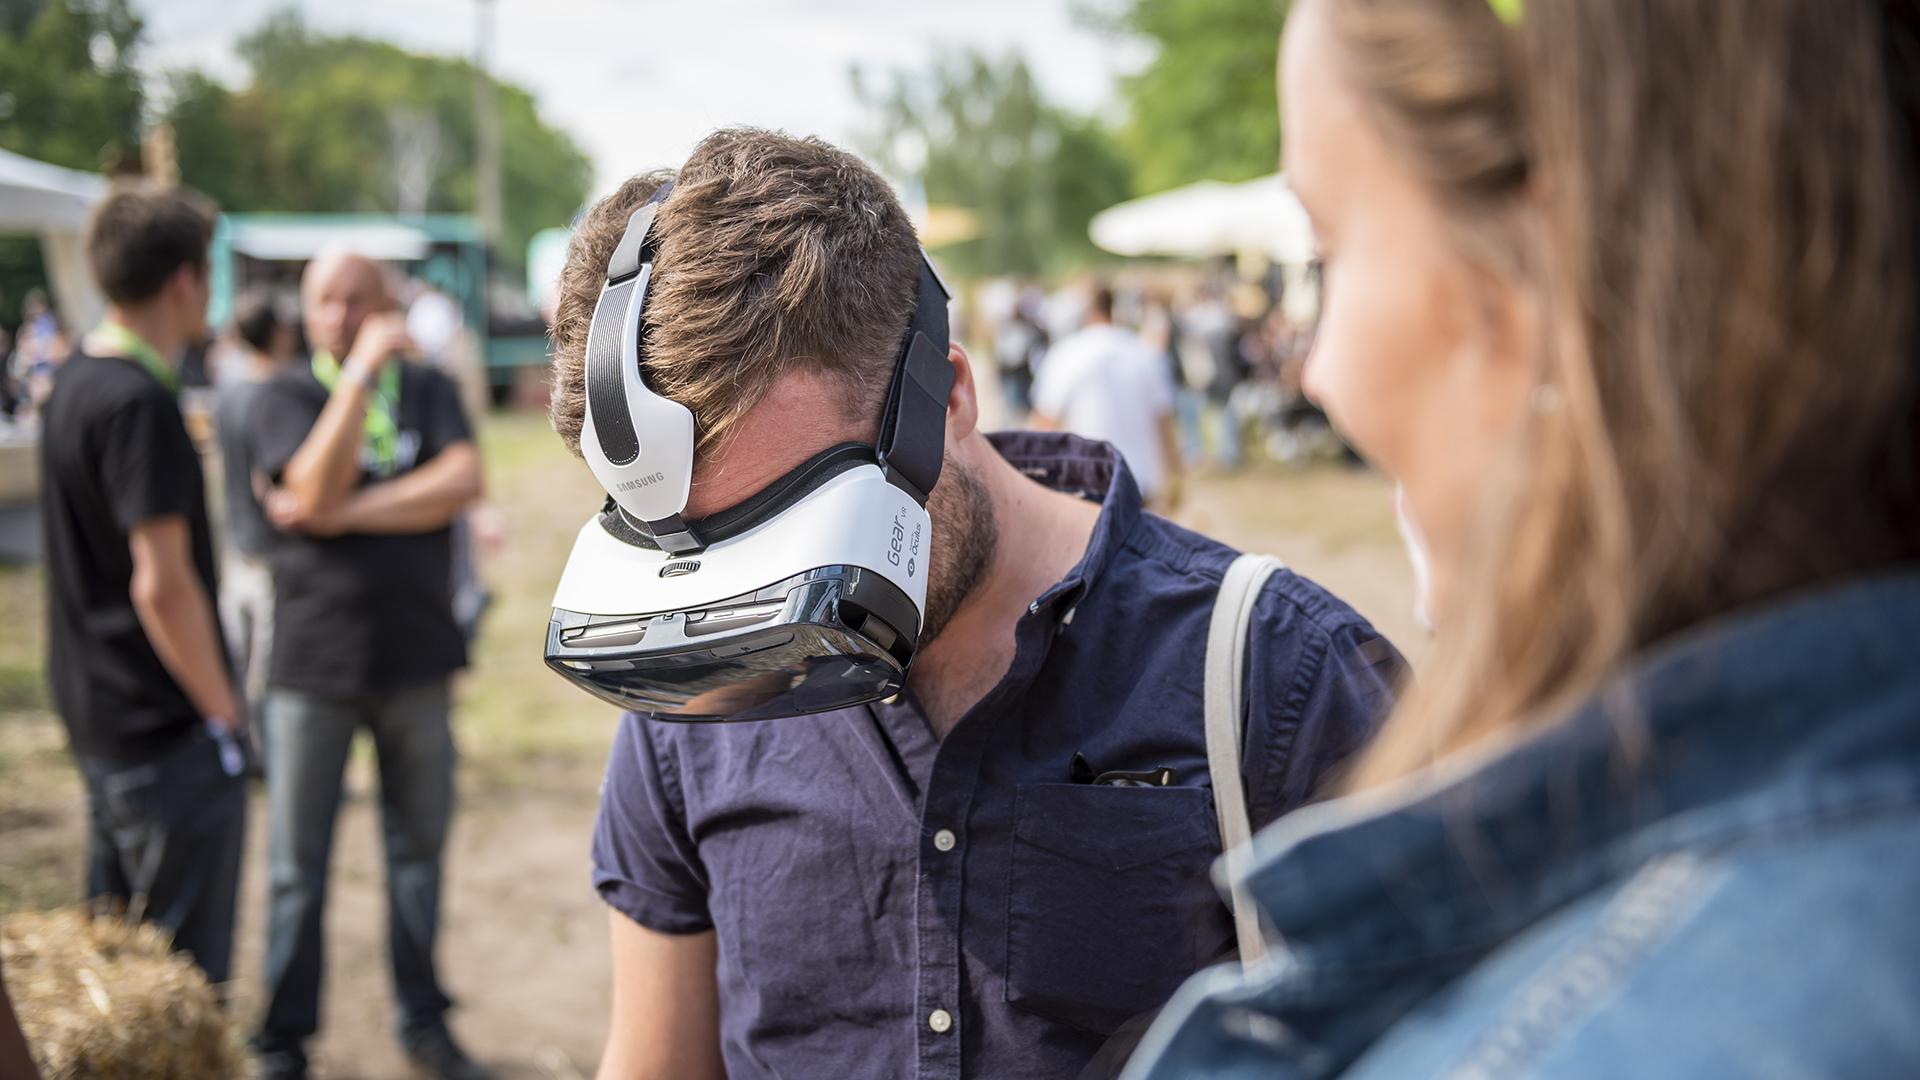 TOA, Tech Open Air, Berlin 2016, Interdisciplinary Technology Festival. Funkhaus Berlin, 13.07.2016